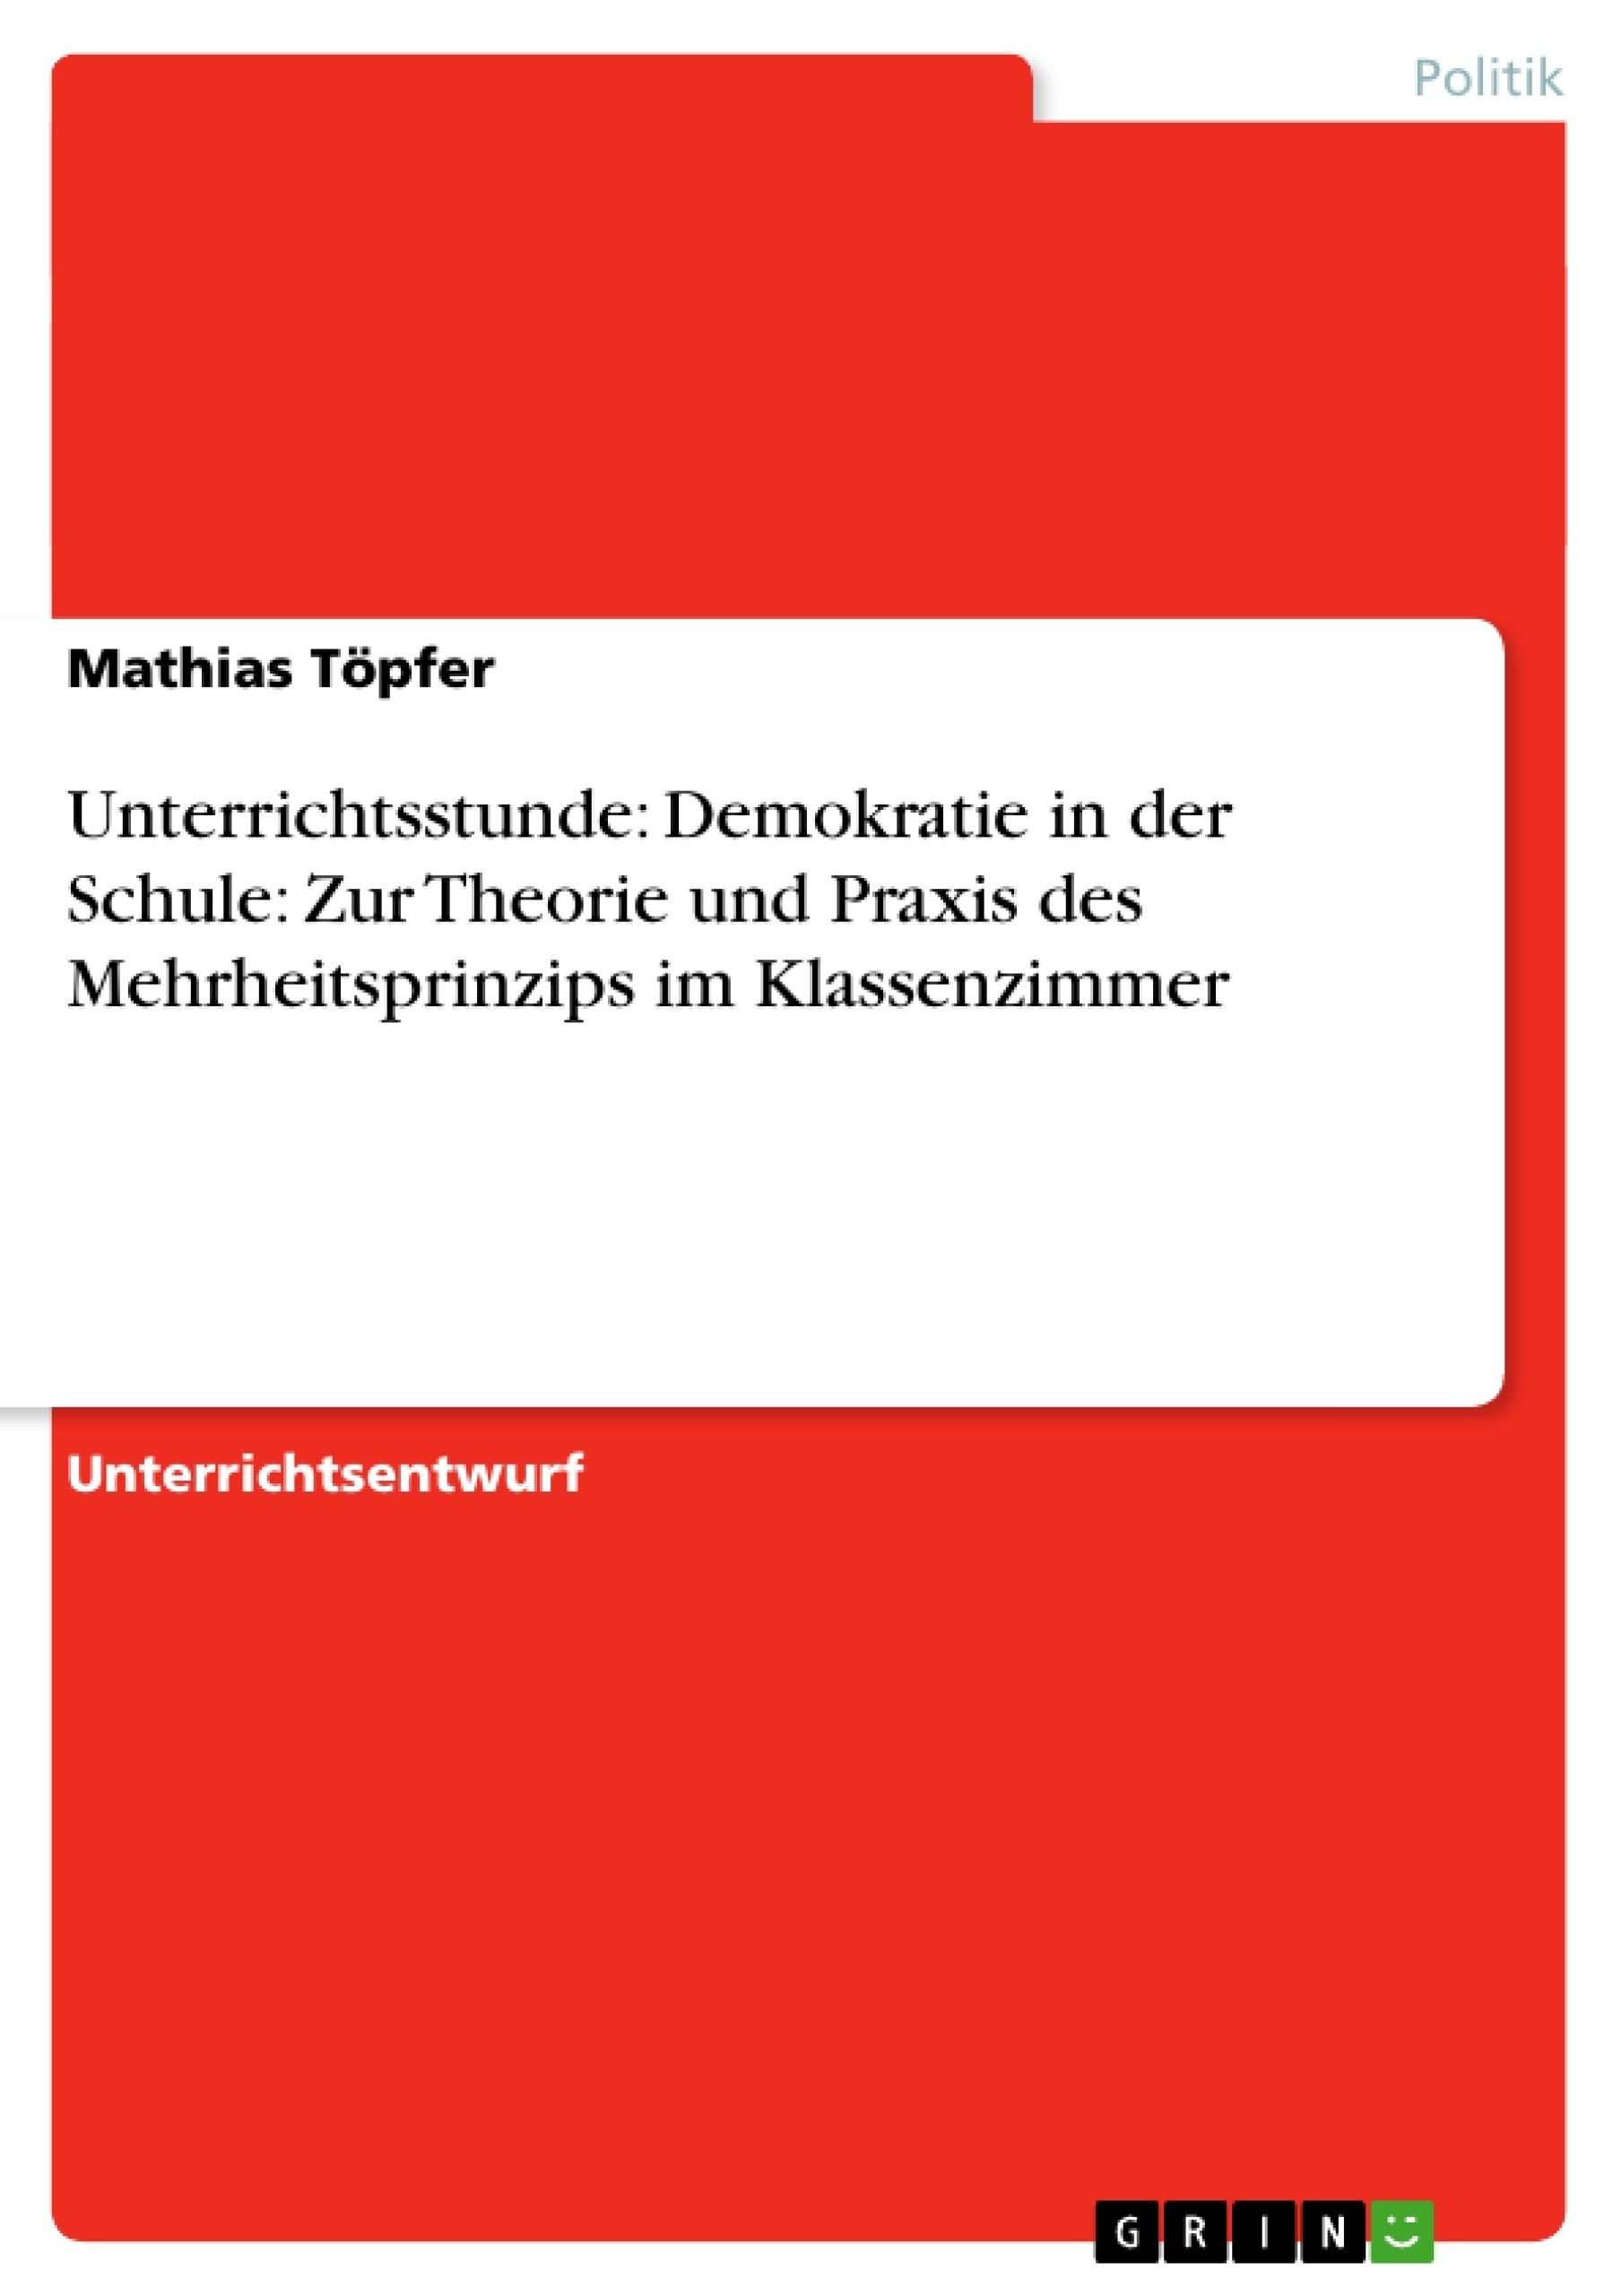 Titel: Unterrichtsstunde: Demokratie in der Schule: Zur Theorie und Praxis des Mehrheitsprinzips im Klassenzimmer